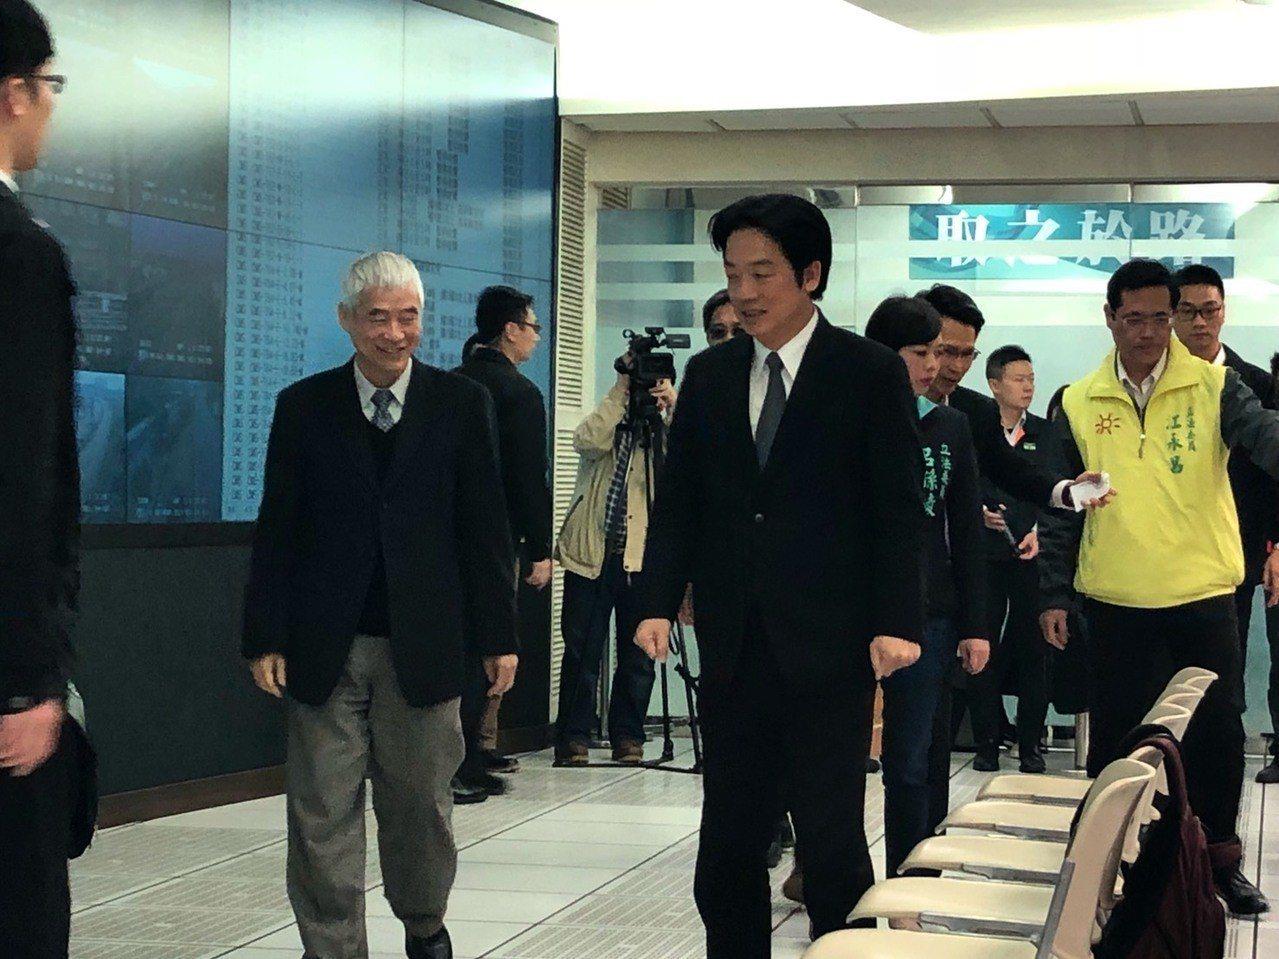 行政院長賴清德(右)、交通部長賀陳旦(左)視察交控中心。記者侯俐安/攝影